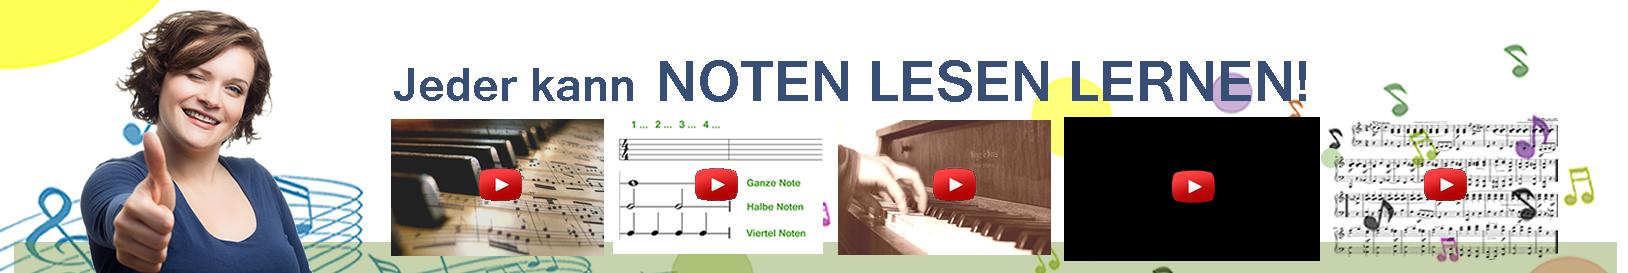 Jeder kann Noten lesen lernen - Notenlesen Motivation